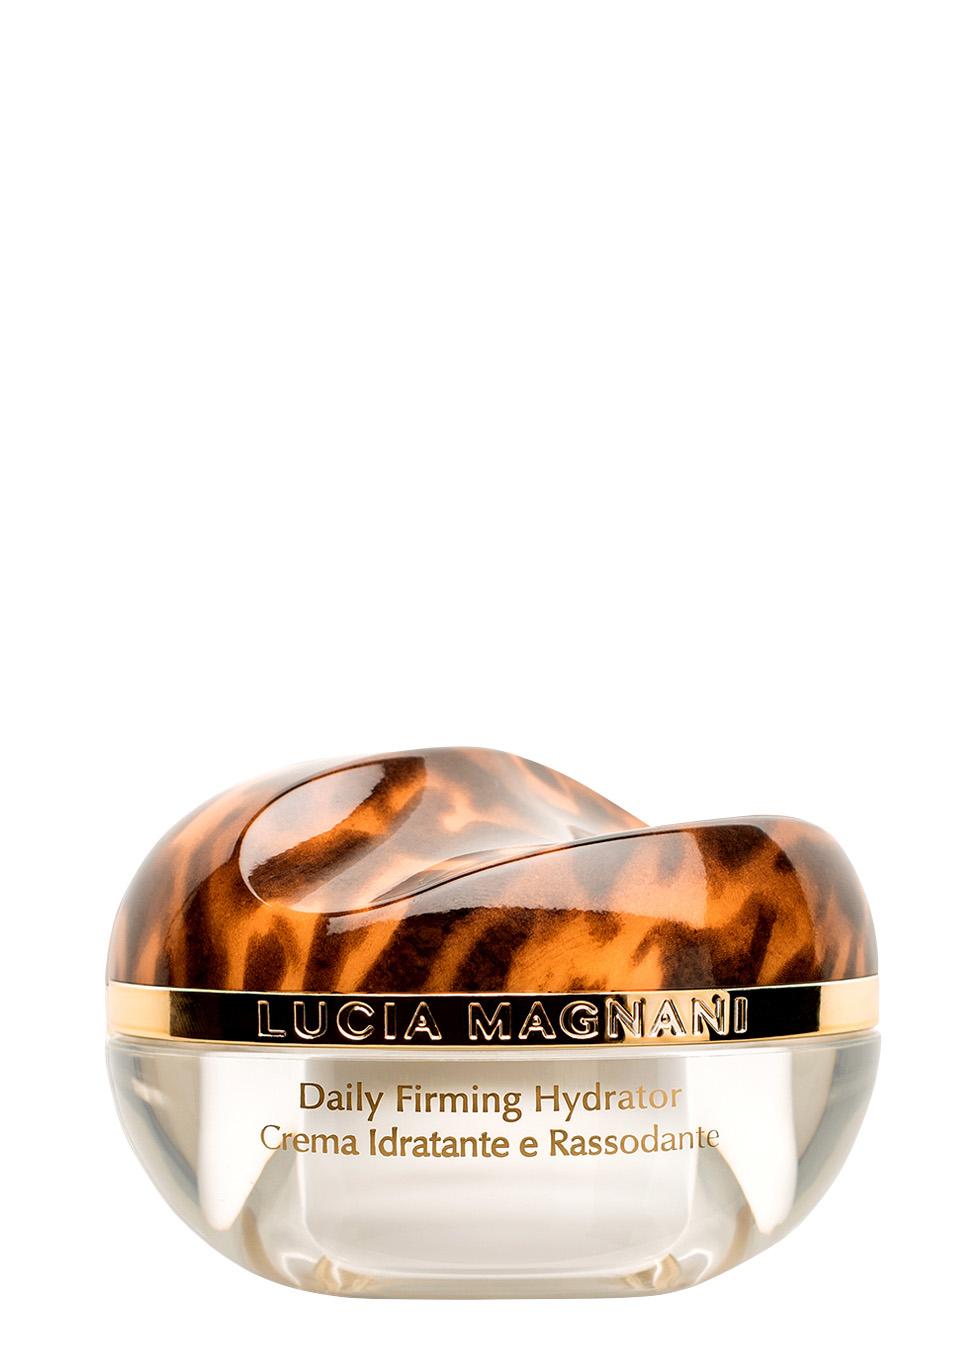 Daily Firming Hydrator 50ml